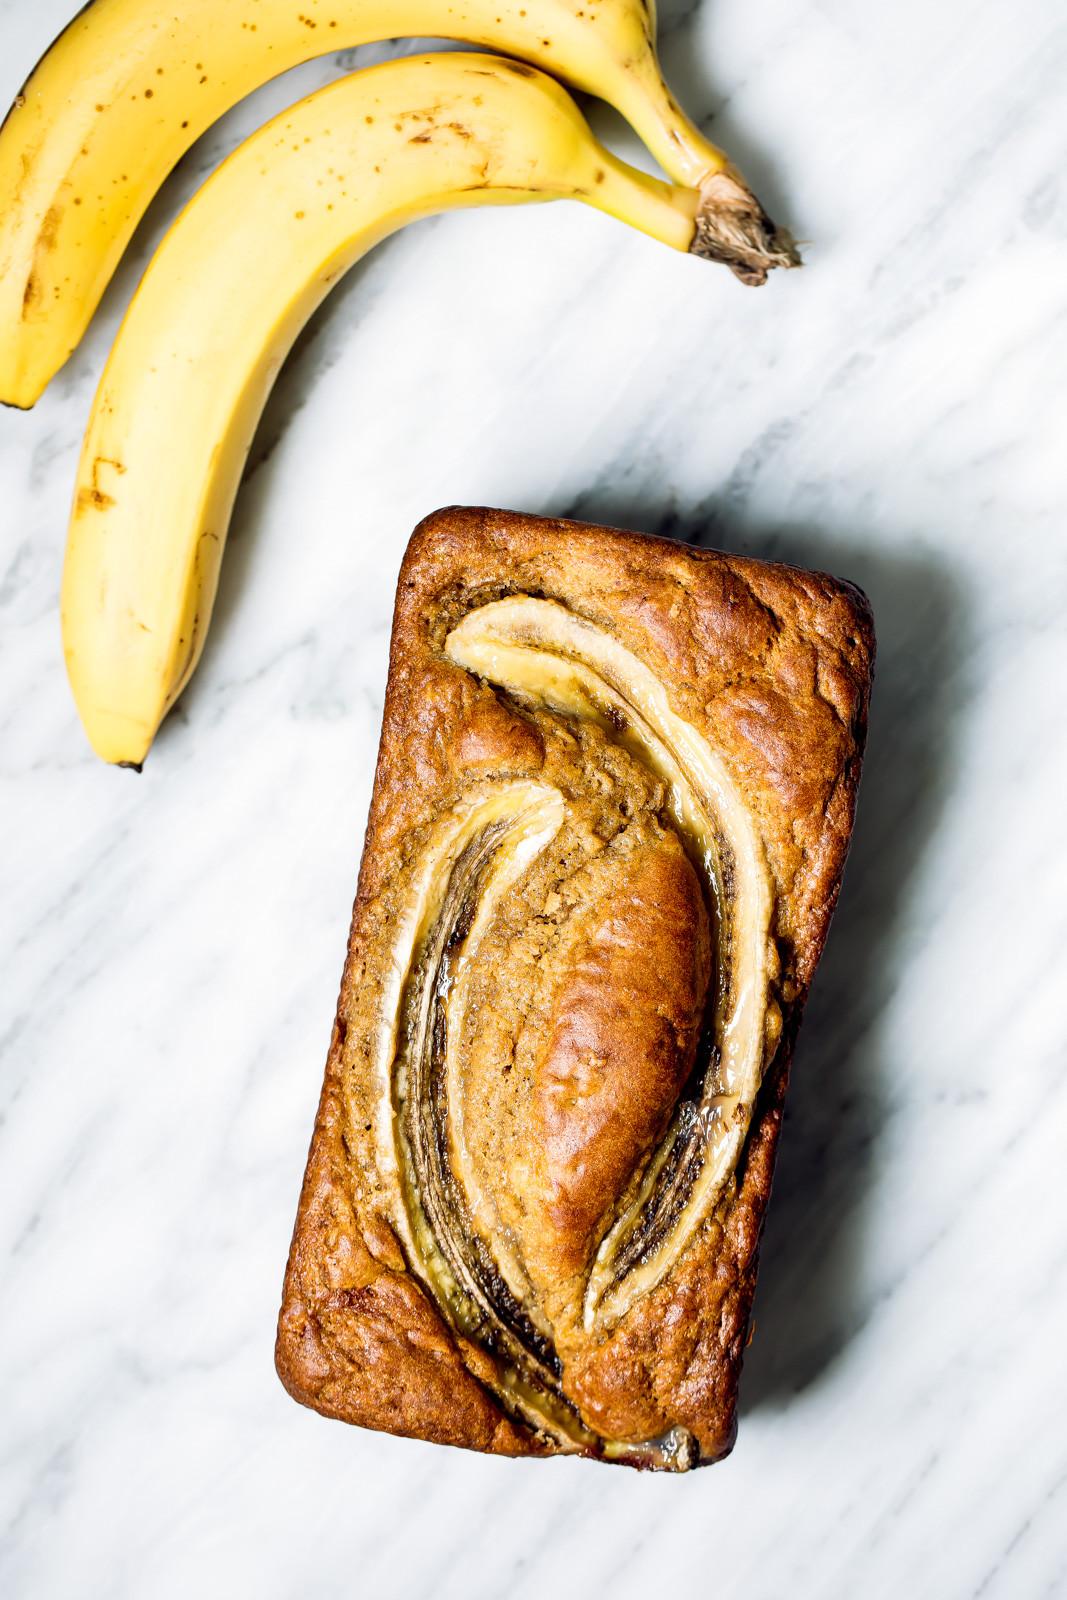 Healthy Banana Bread  My Favorite Healthy Banana Bread Recipe why baking is